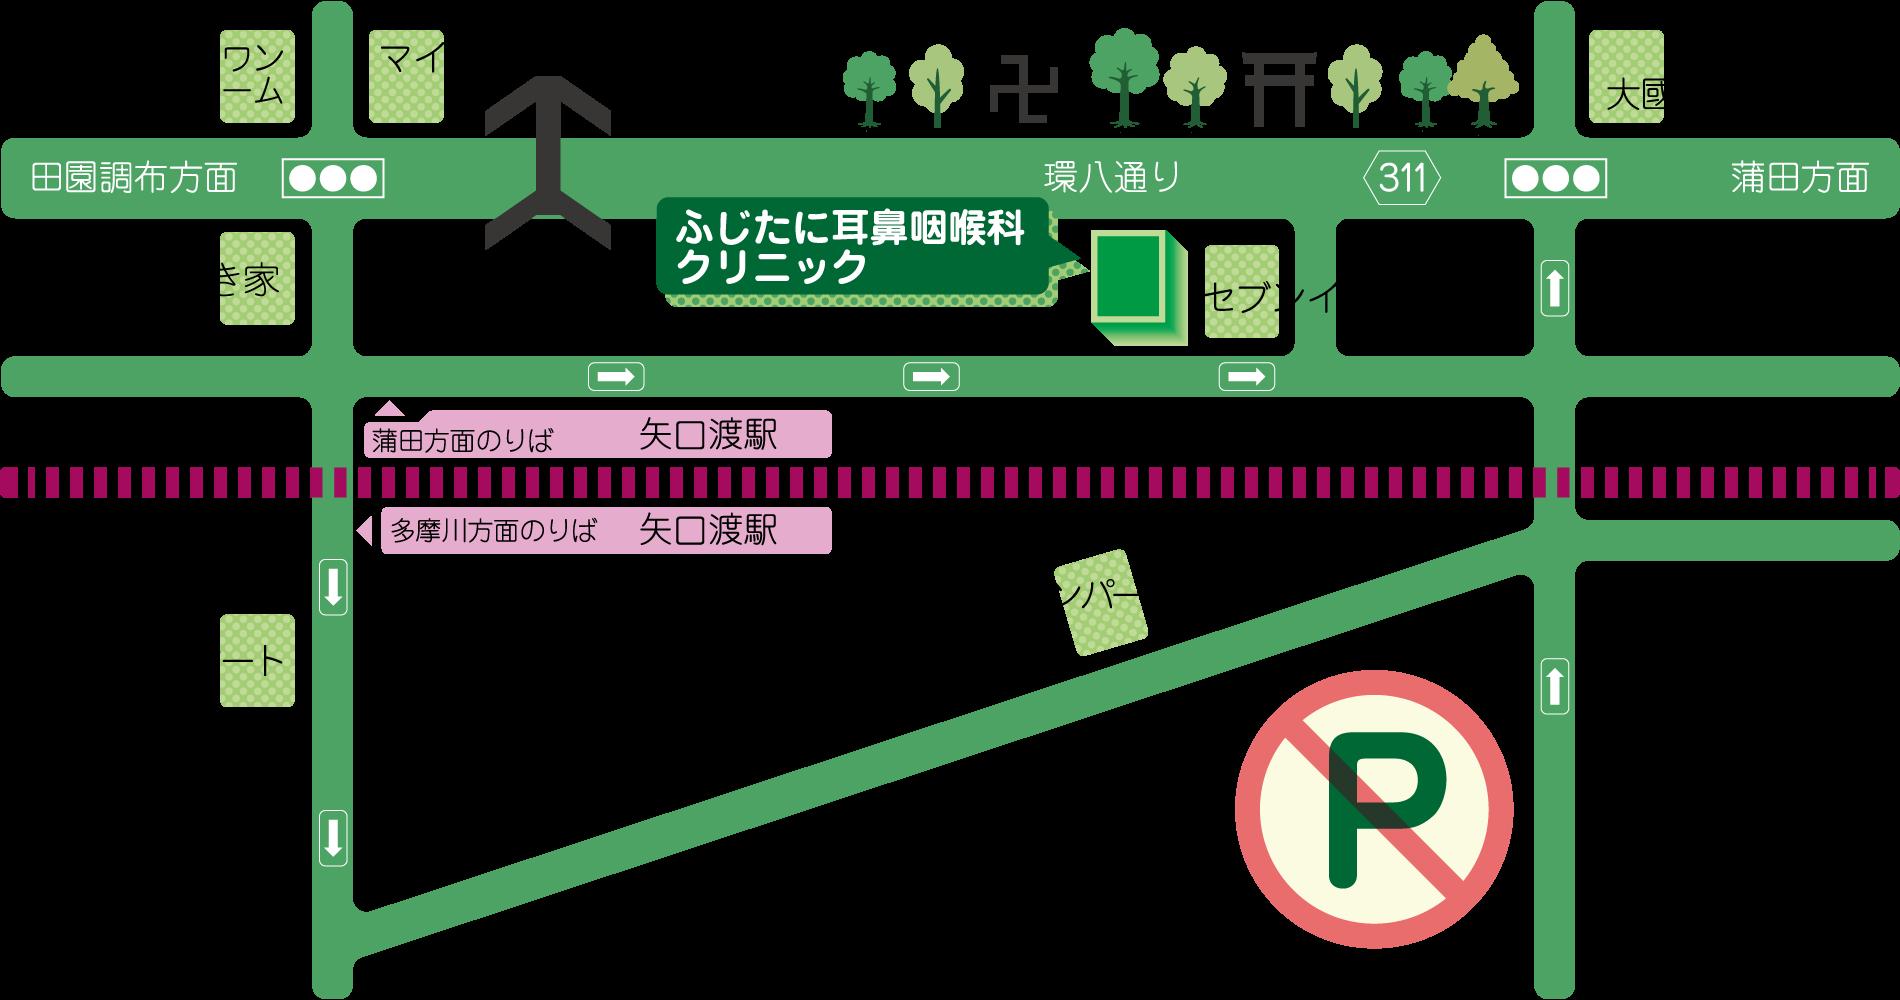 大田区 東急多摩川線 矢口渡駅周辺地図